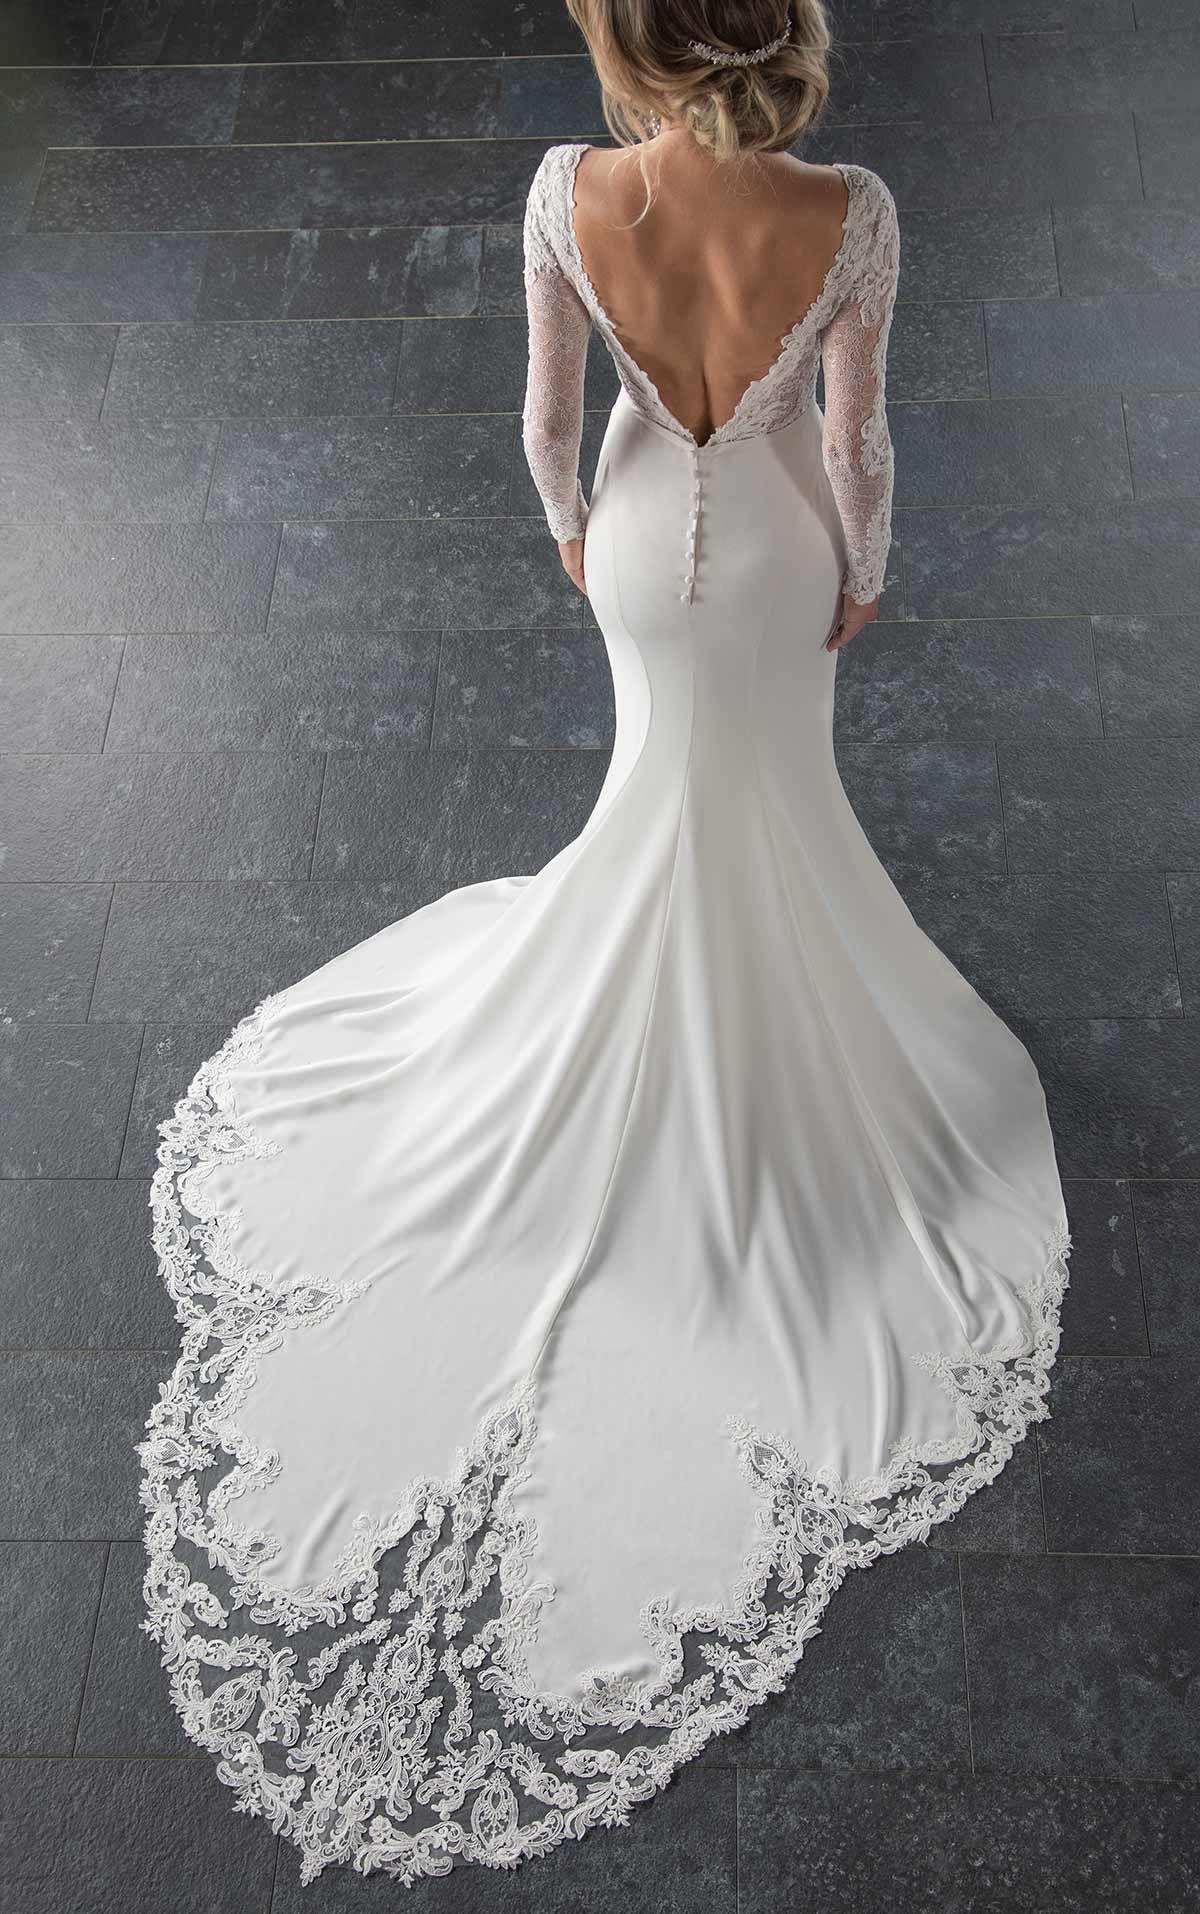 Stella York Elegance Bridal Wedding Dress Sleeves Trendy Wedding Dresses Long Wedding Dresses